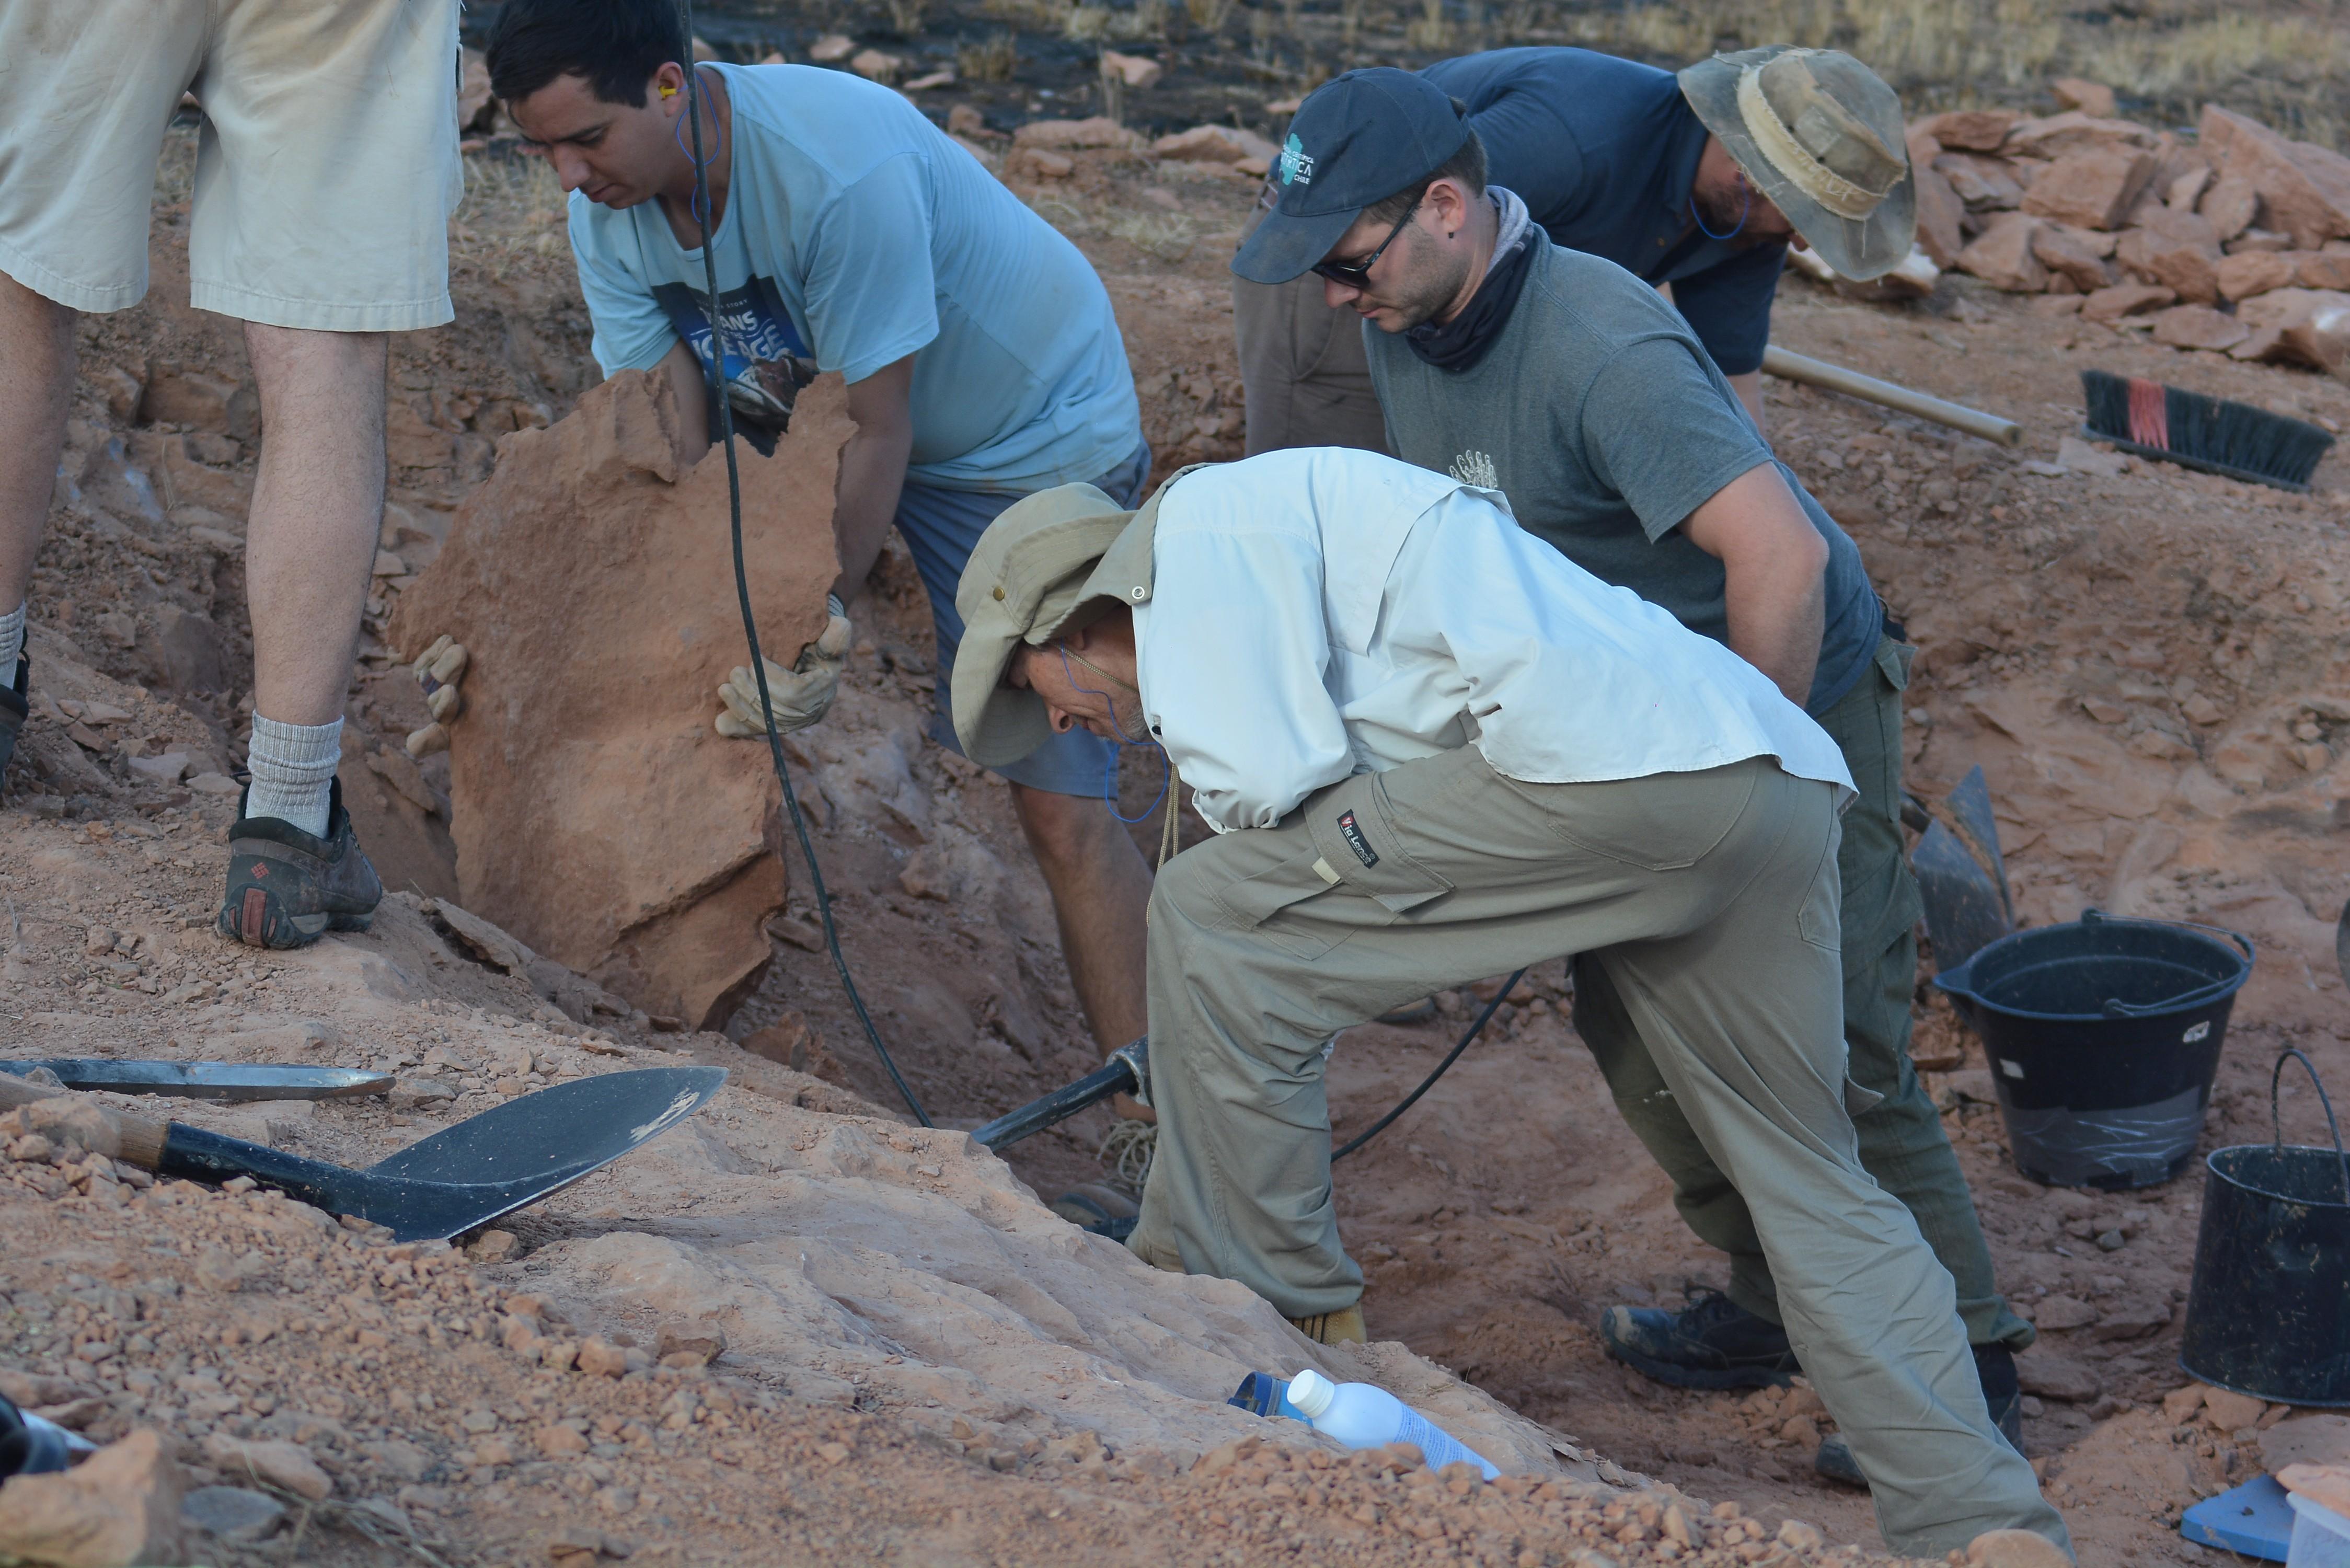 Seis meses após anúncio, trâmite de tombamento de sítio paleontológico continua na Prefeitura de Presidente Prudente - Notícias - Plantão Diário